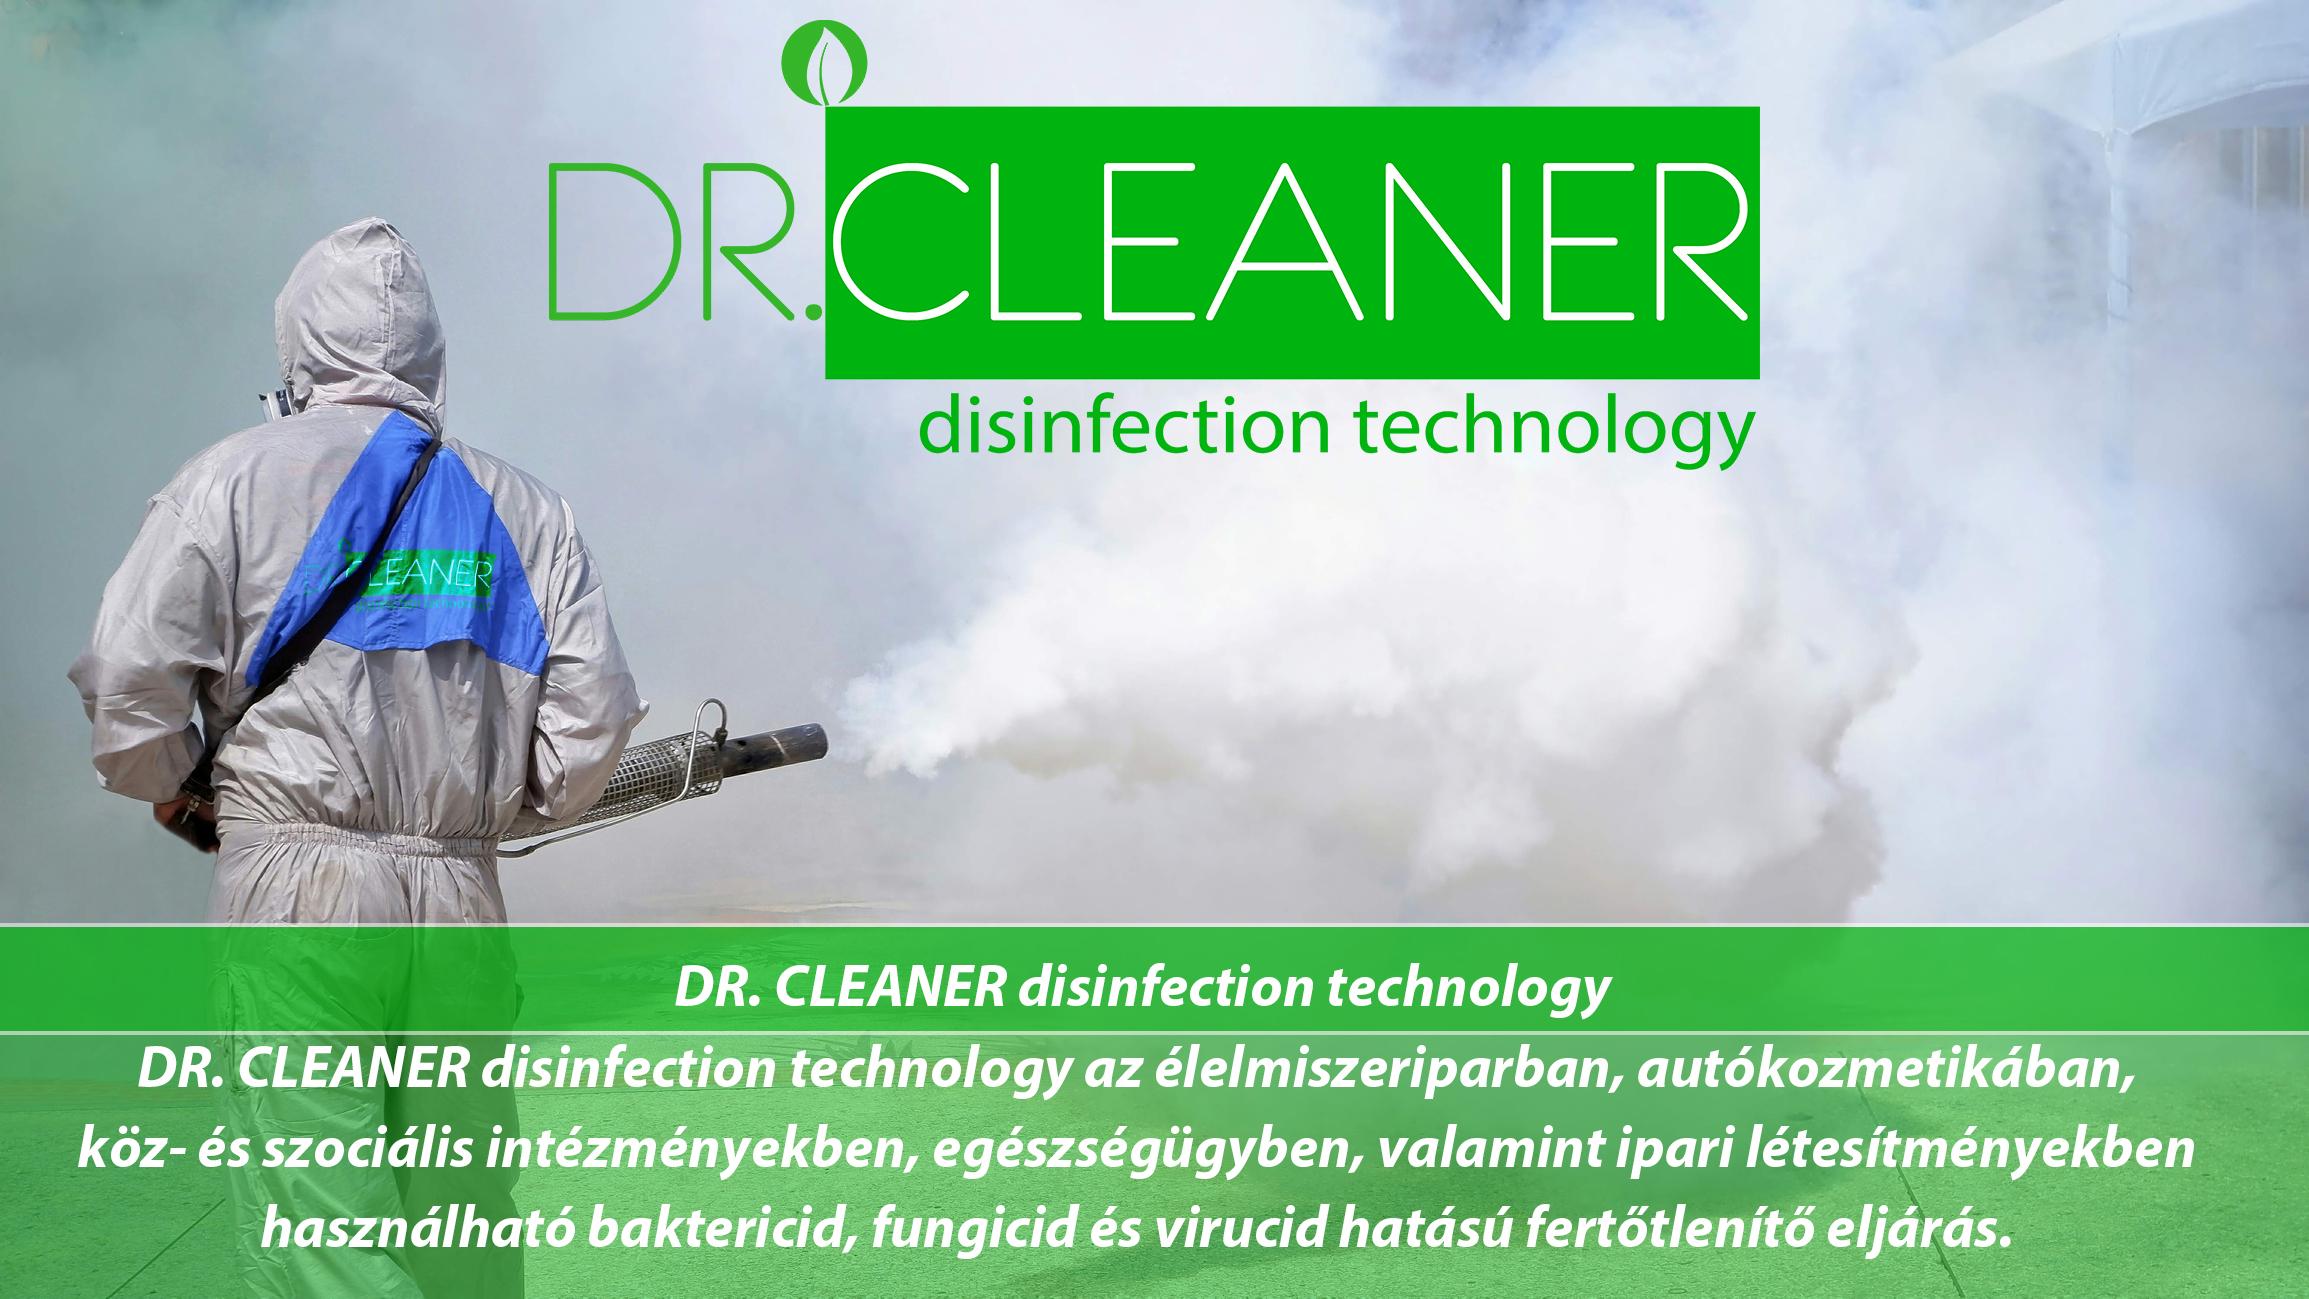 dr_cleaner_fertotlenitesi_technologia.jpg